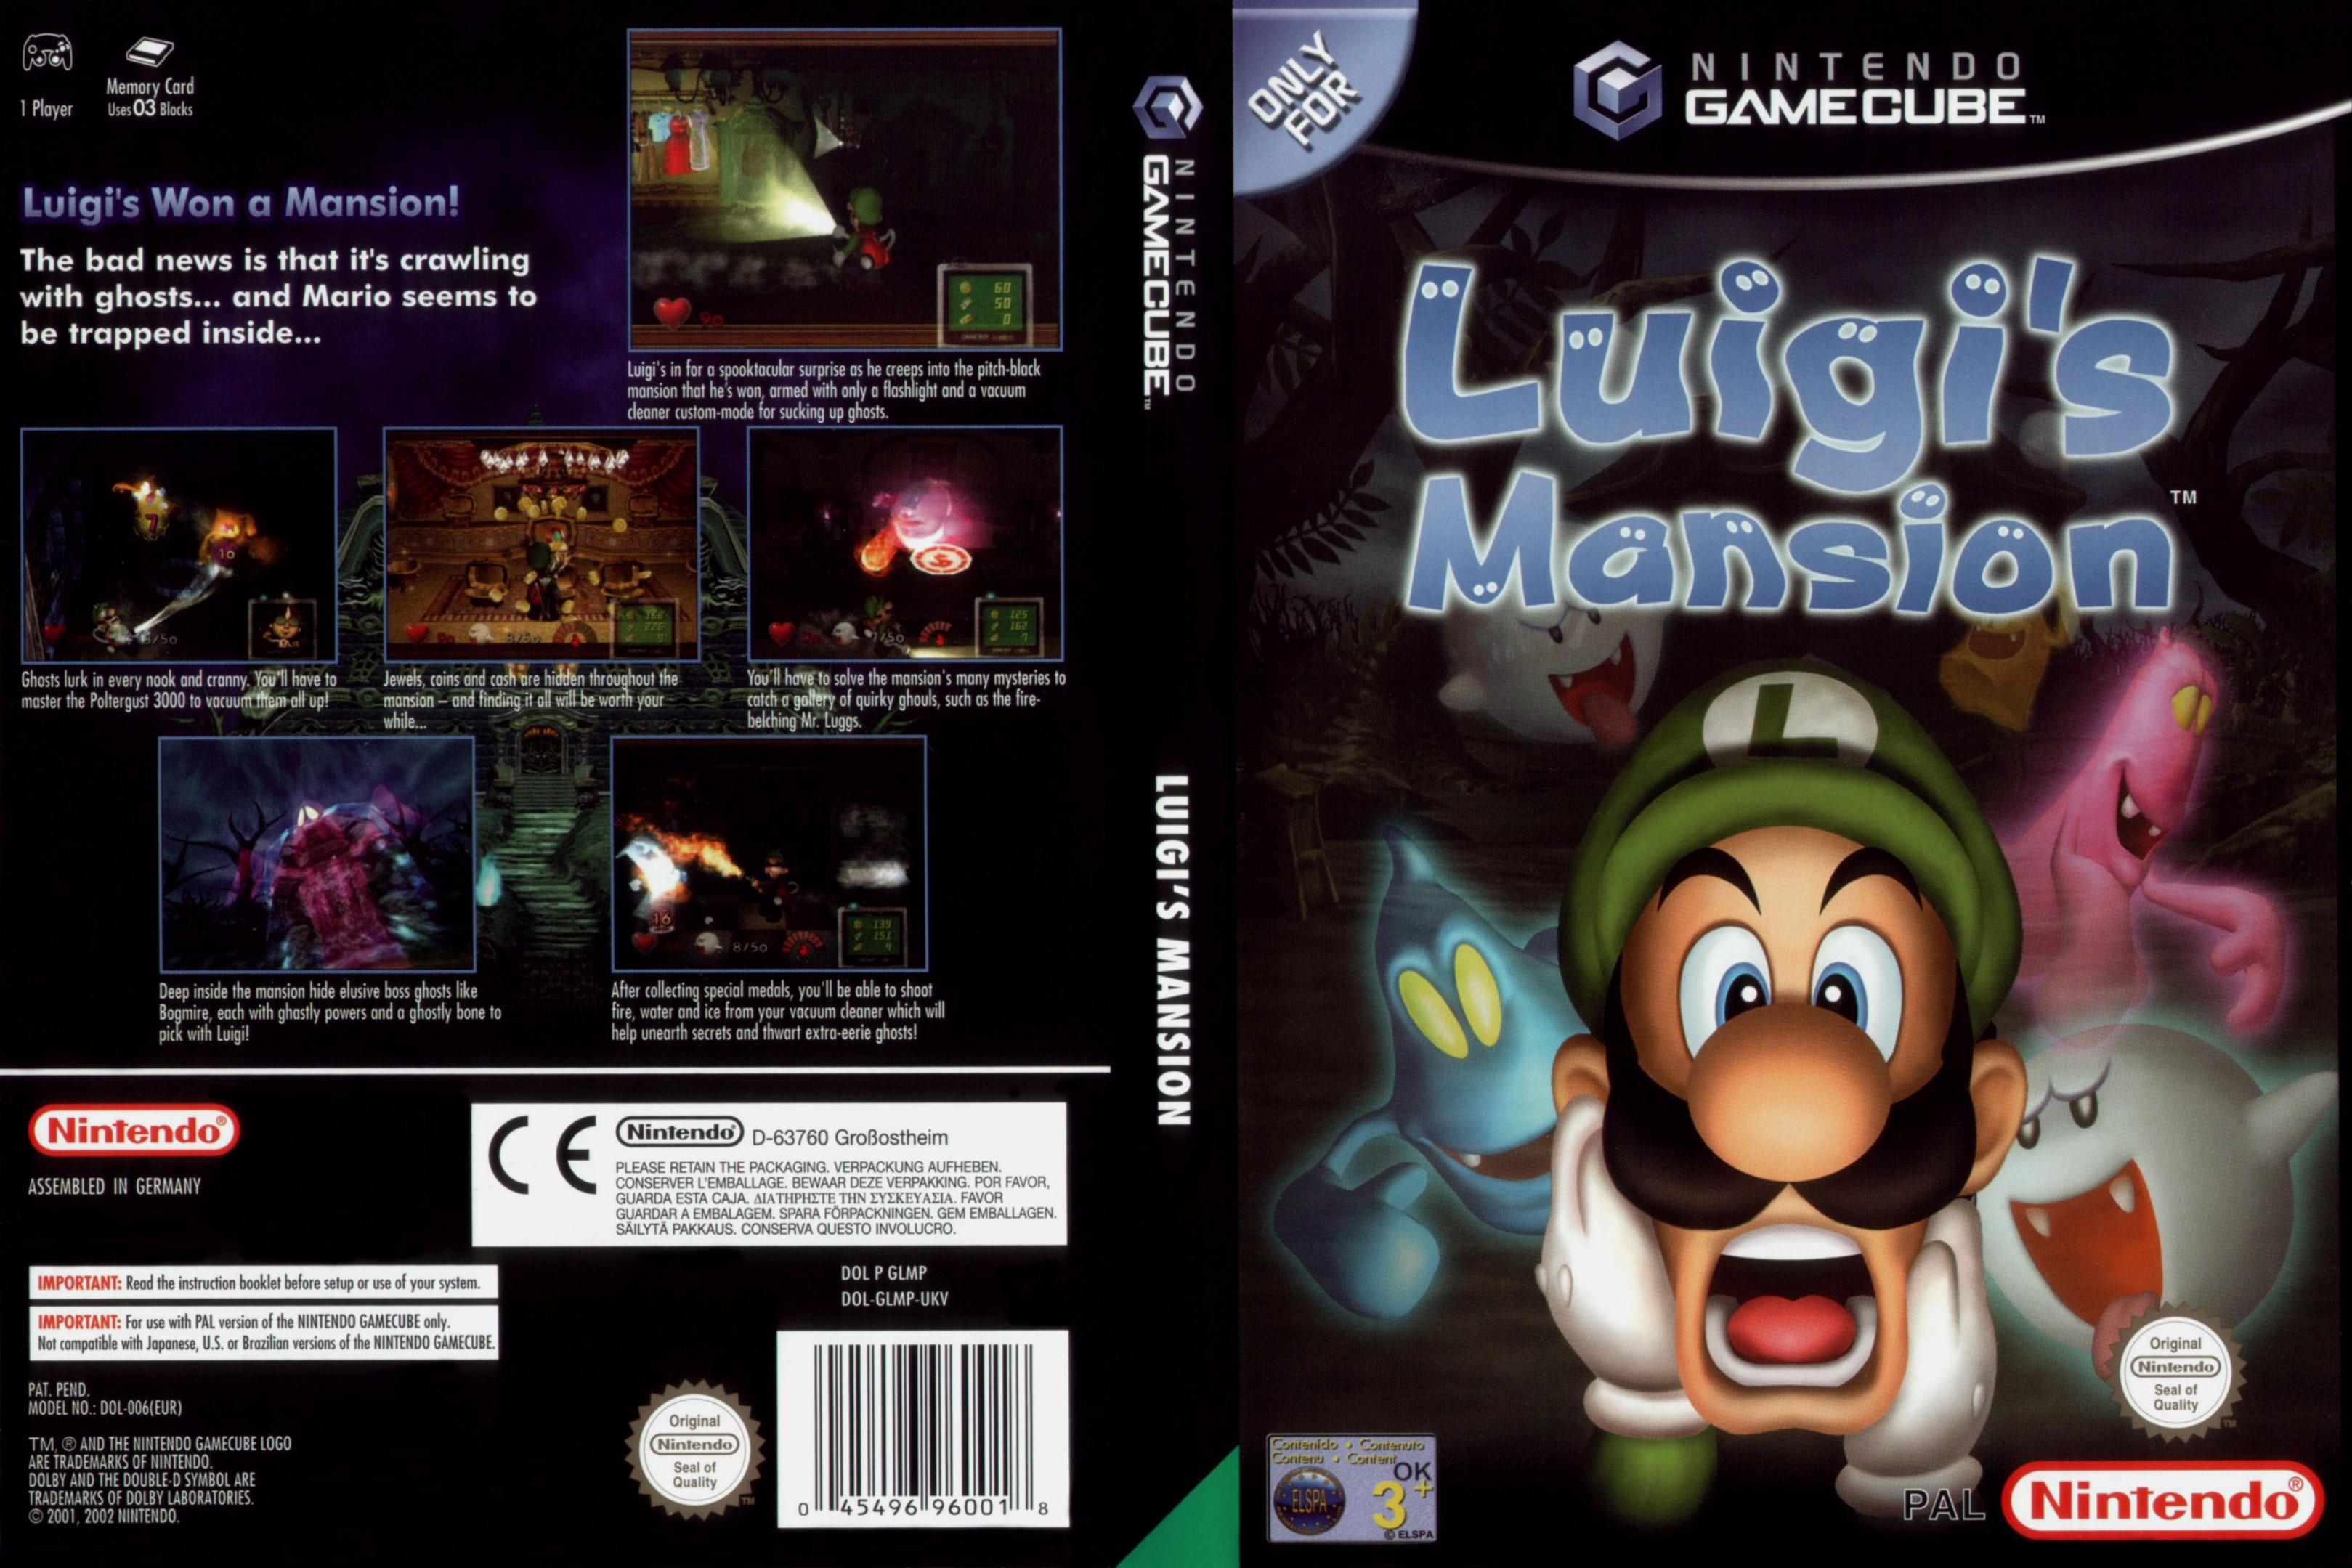 Nintendo Game Cube - Lista de juegos y Hardware